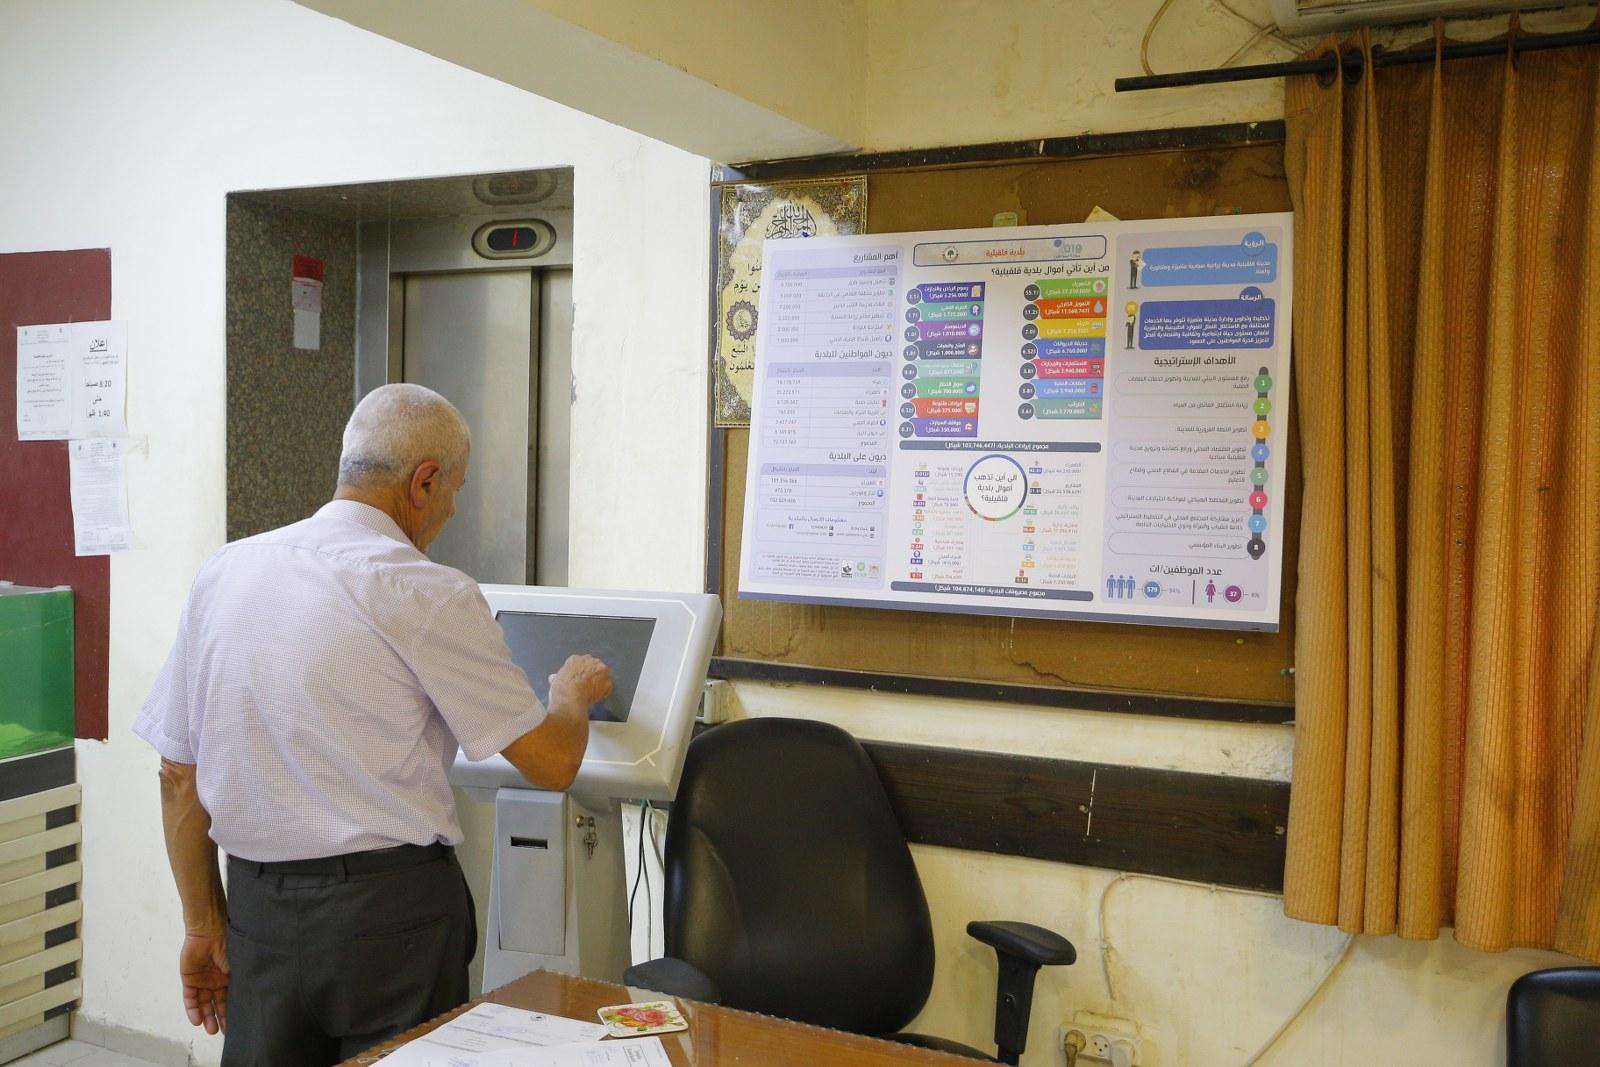 بلدية قلقيلية تنشر لوحات توضيحية لموازنة المواطن 2019